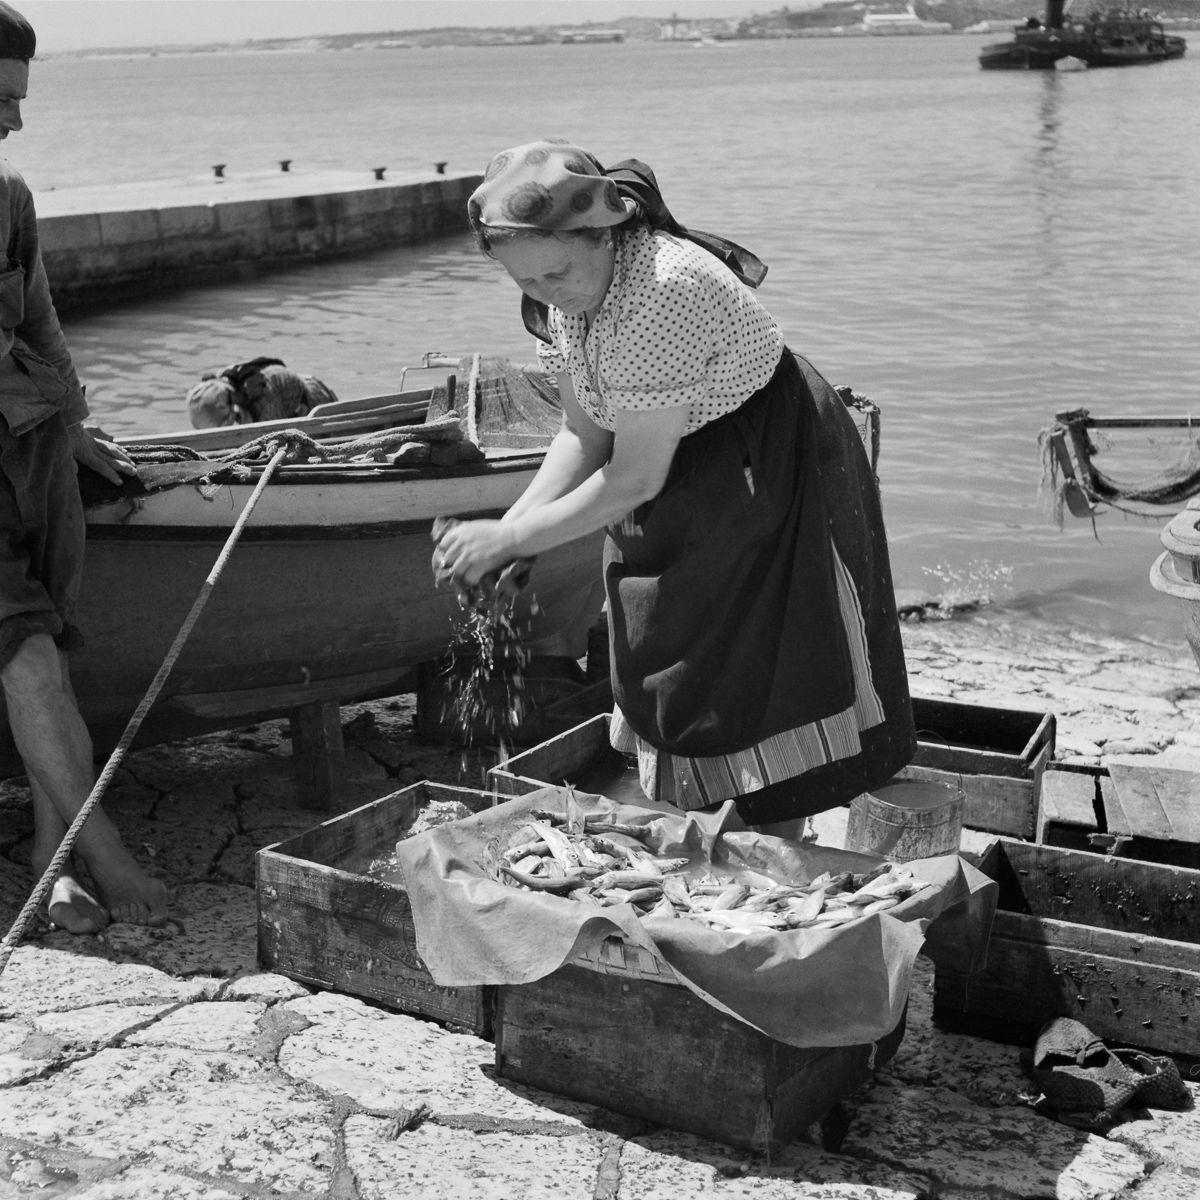 Fotografias deslumbrantes capturam a cultura da pesca dos anos 50 em Portugal 03